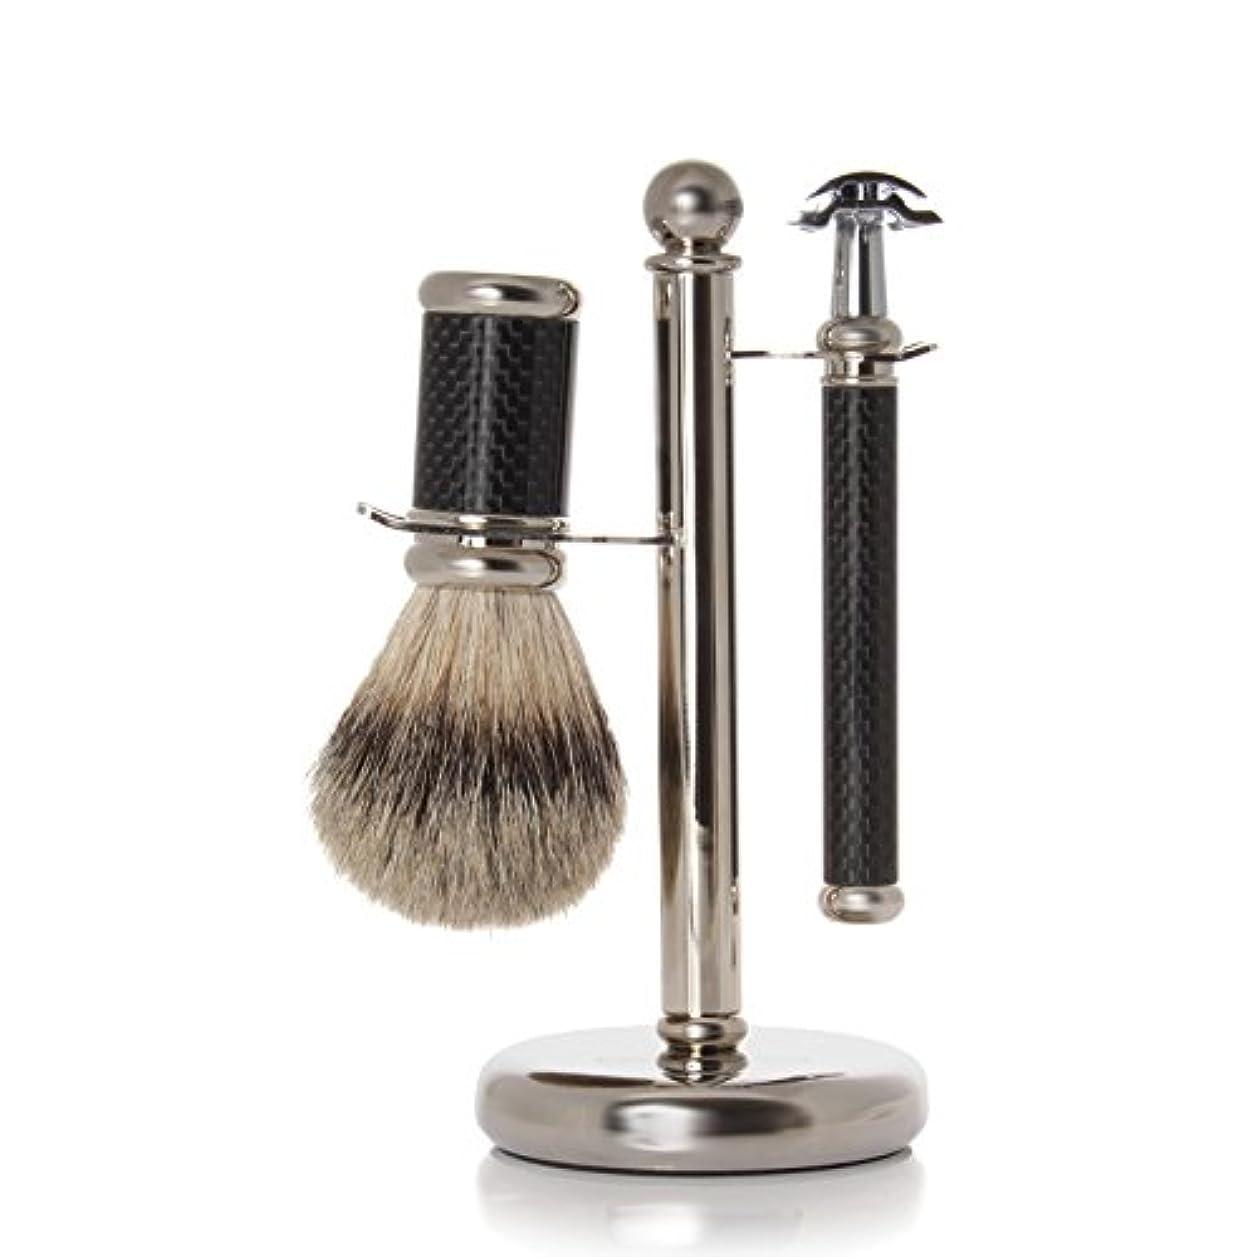 負結論サラミGOLDDACHS Shaving Set, Safety razor, Finest Badger, Carbon